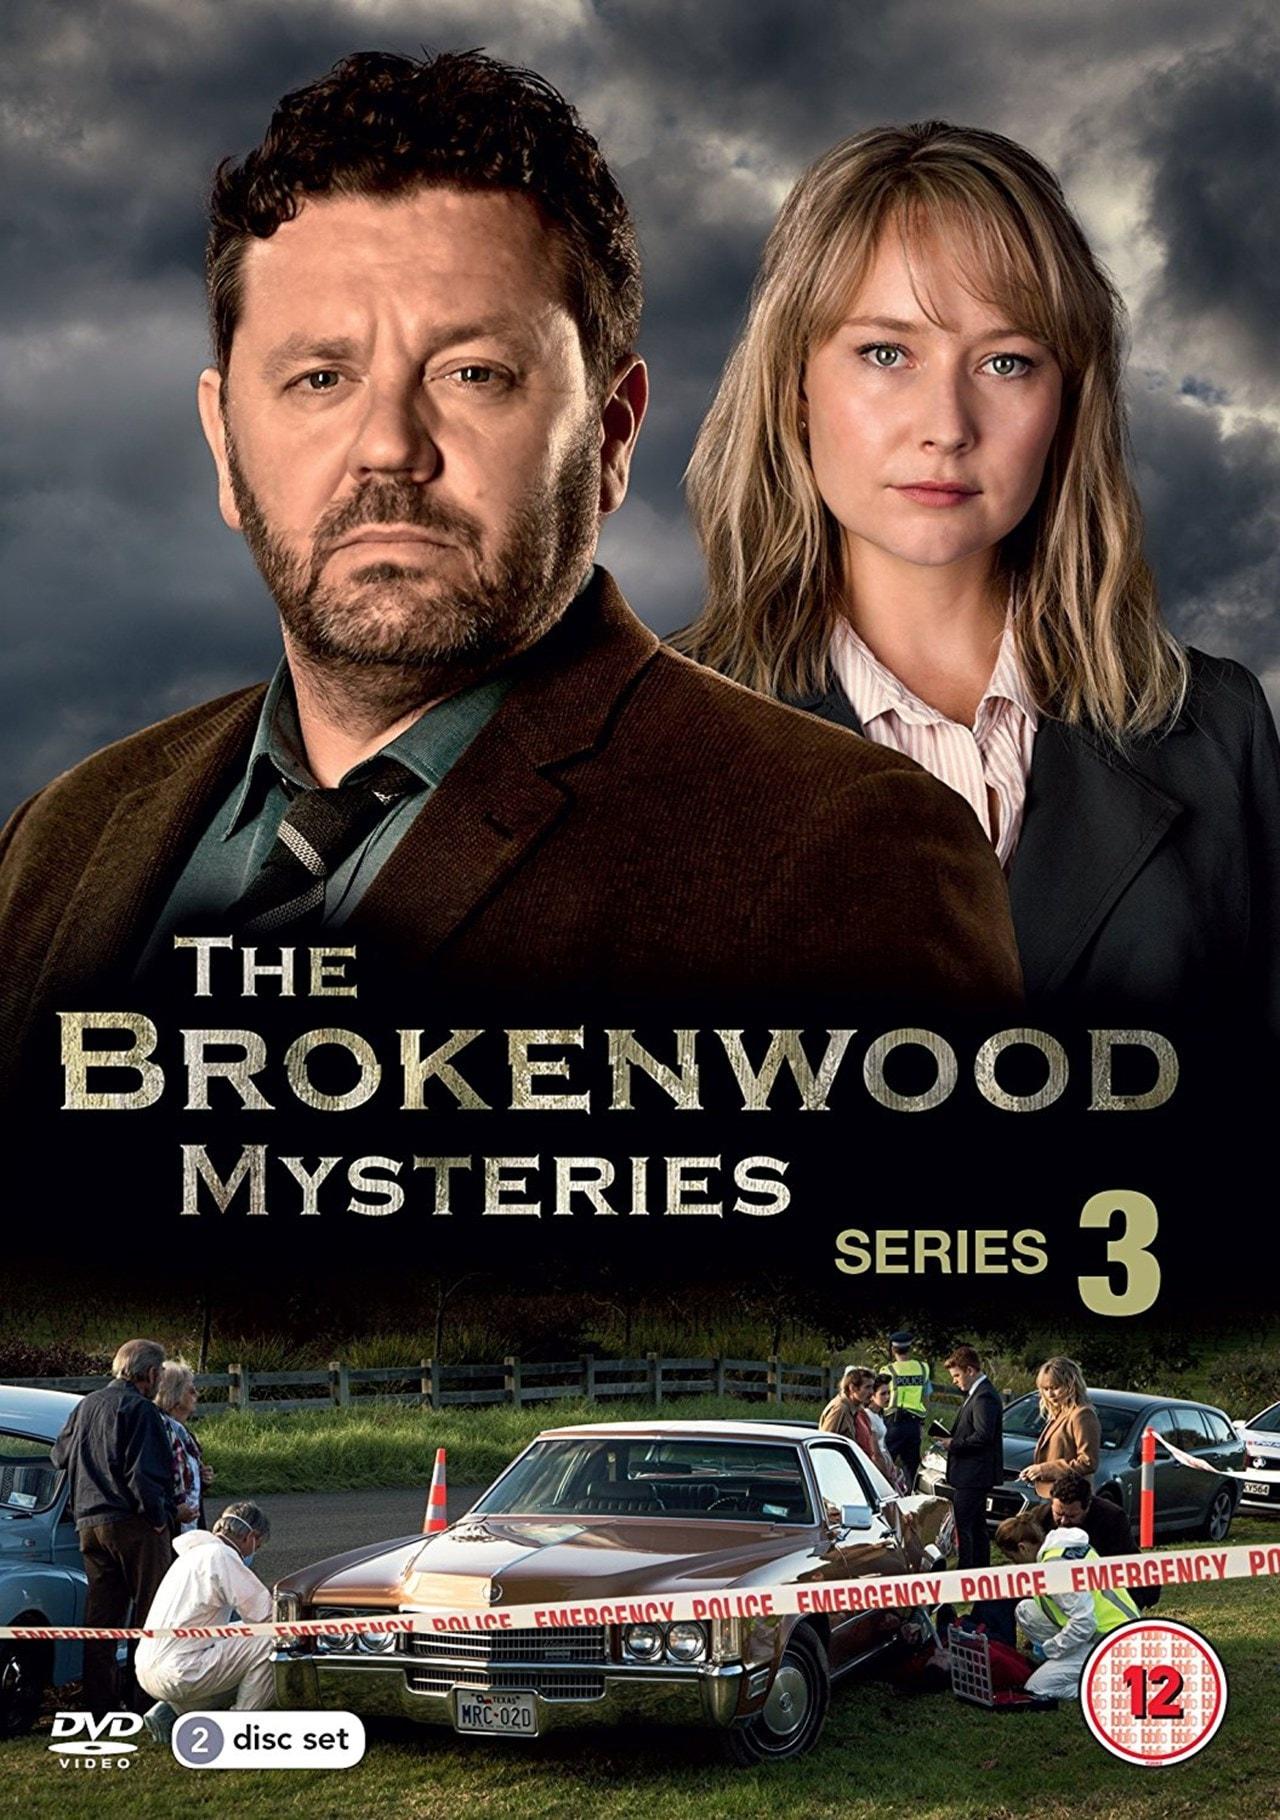 The Brokenwood Mysteries: Series 3 - 1